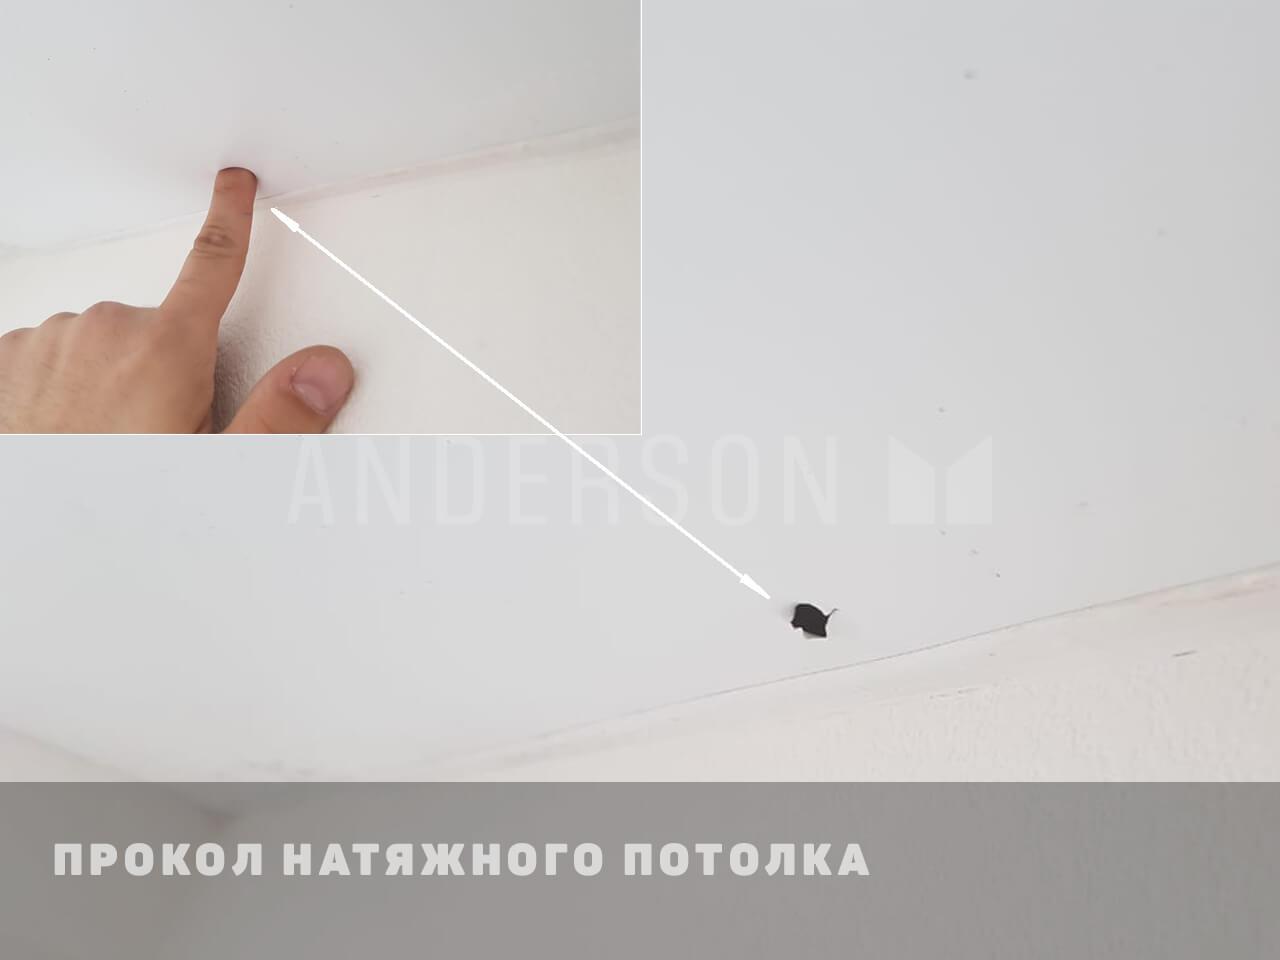 Прокол натяжного потолка